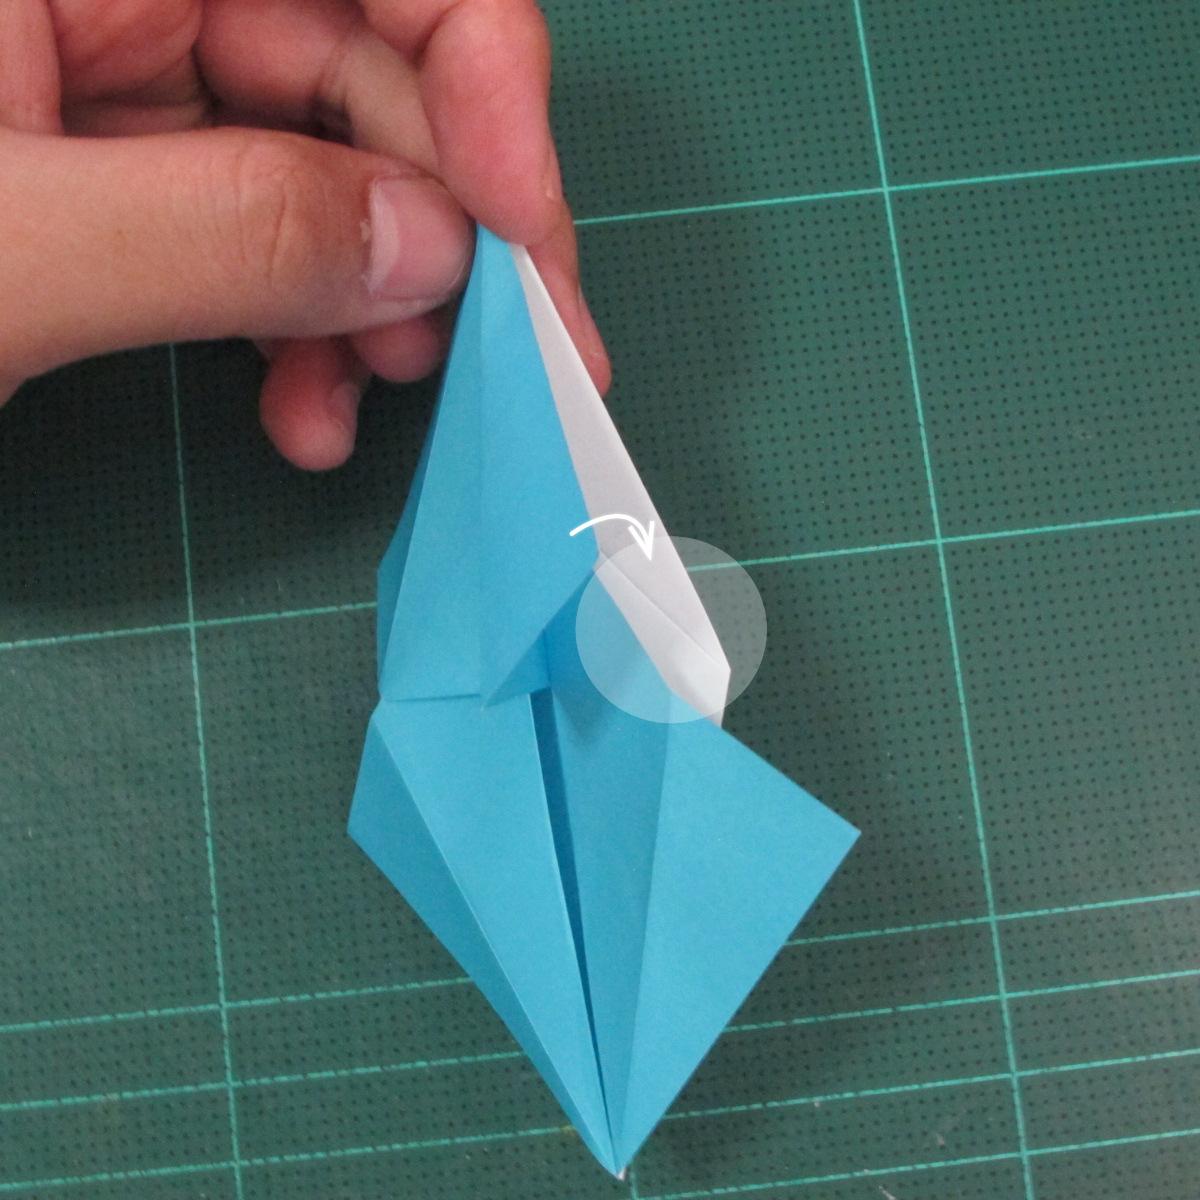 วิธีพับกระดาษเป็นถาดใส่ขนมรูปดาวแปดแฉก (Origami Eight Point Star Candy Tray) 013